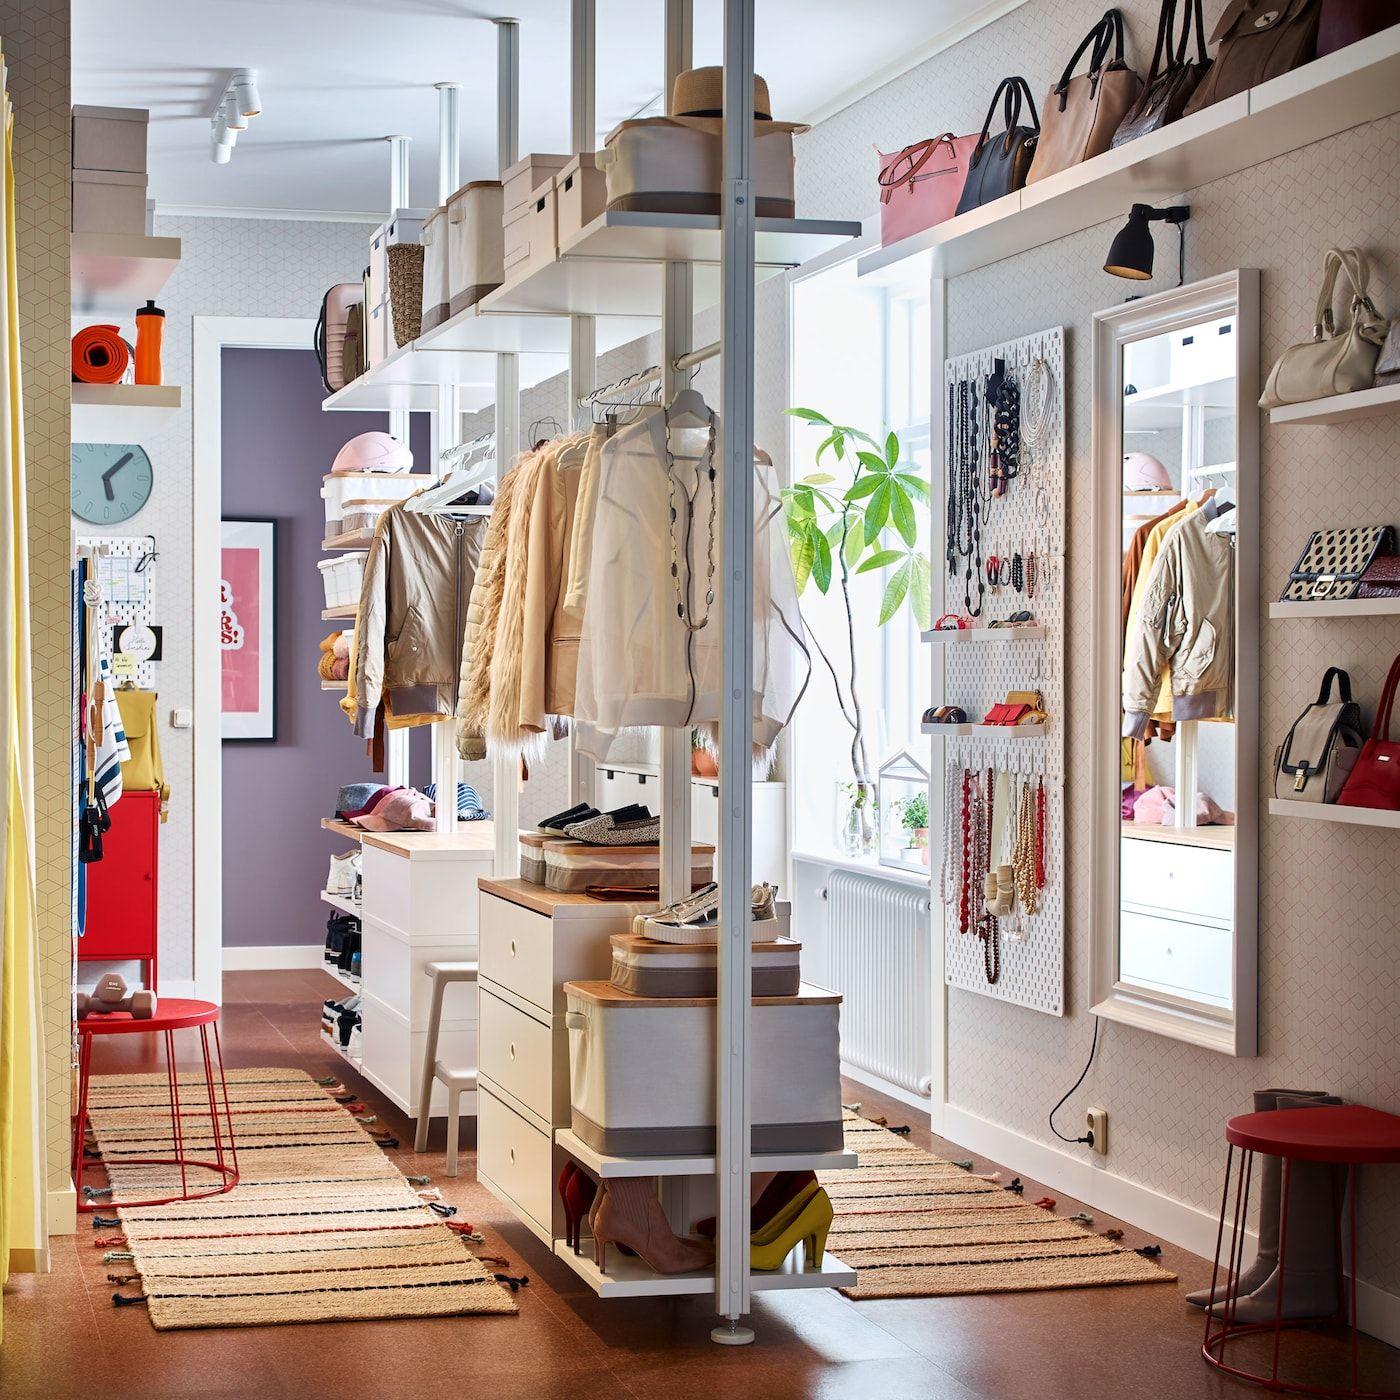 Offener Kleiderschrank für enge Räume   Elvarli, Offener ...